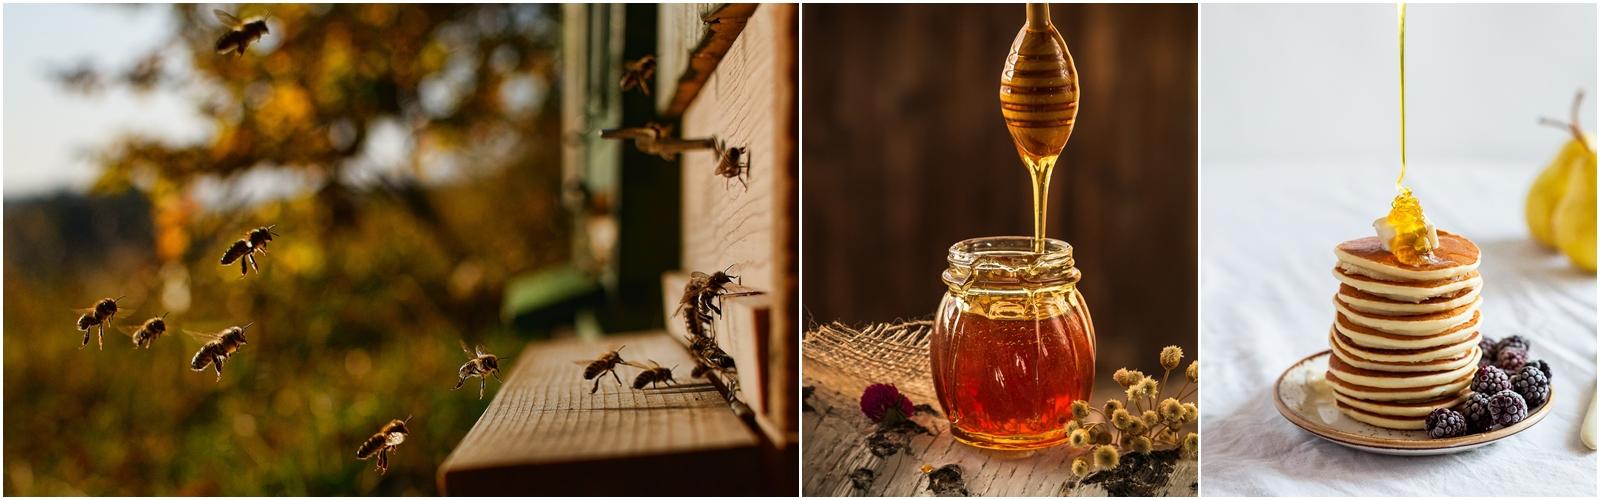 Mel: nutricional pena médica, como também de propriedades residenciais de mel